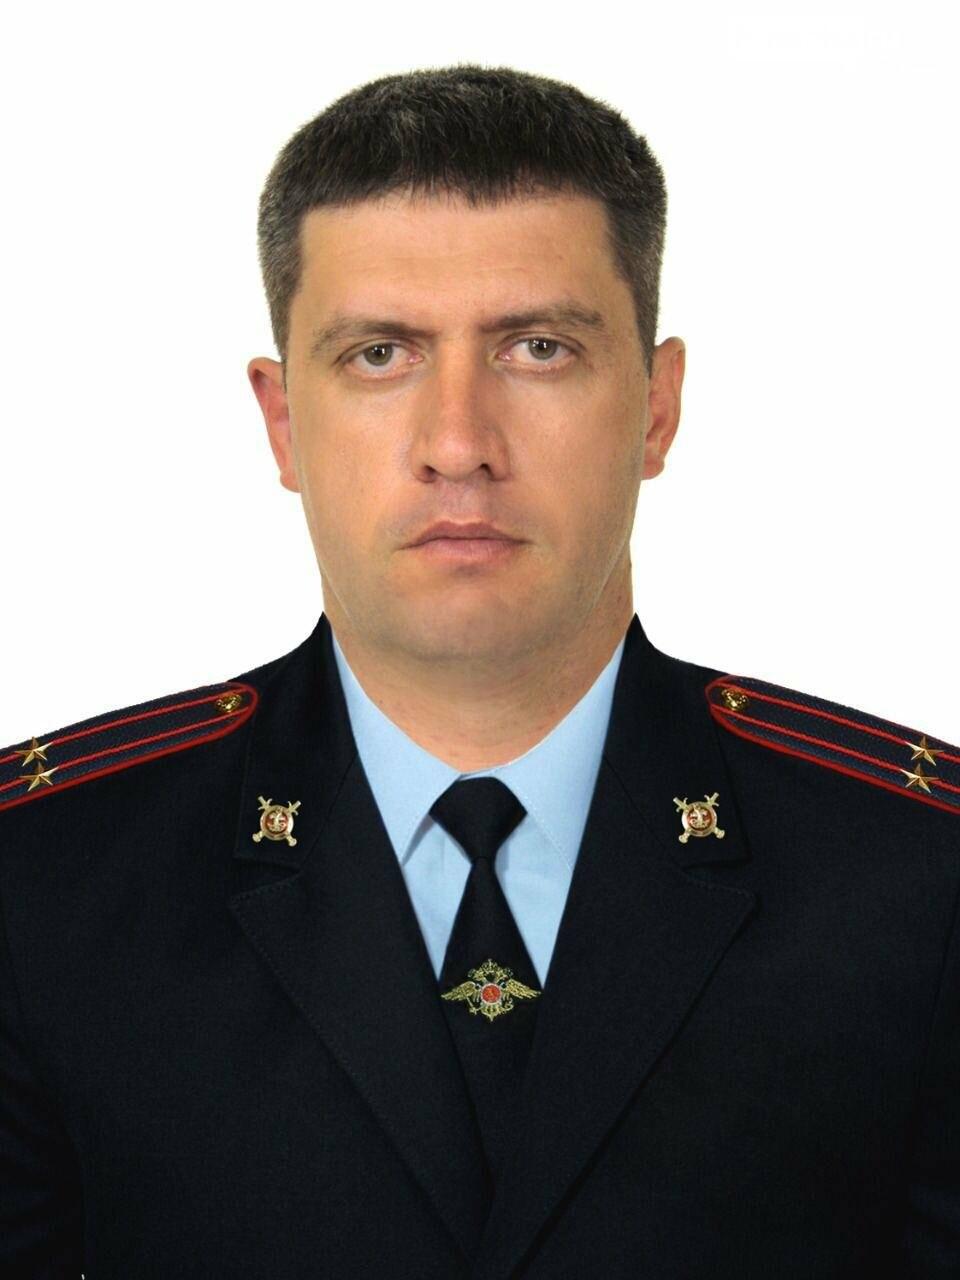 Таймураз Моураов, Личному составу УГИБДД МВД Северной Осетии представили нового руководителя